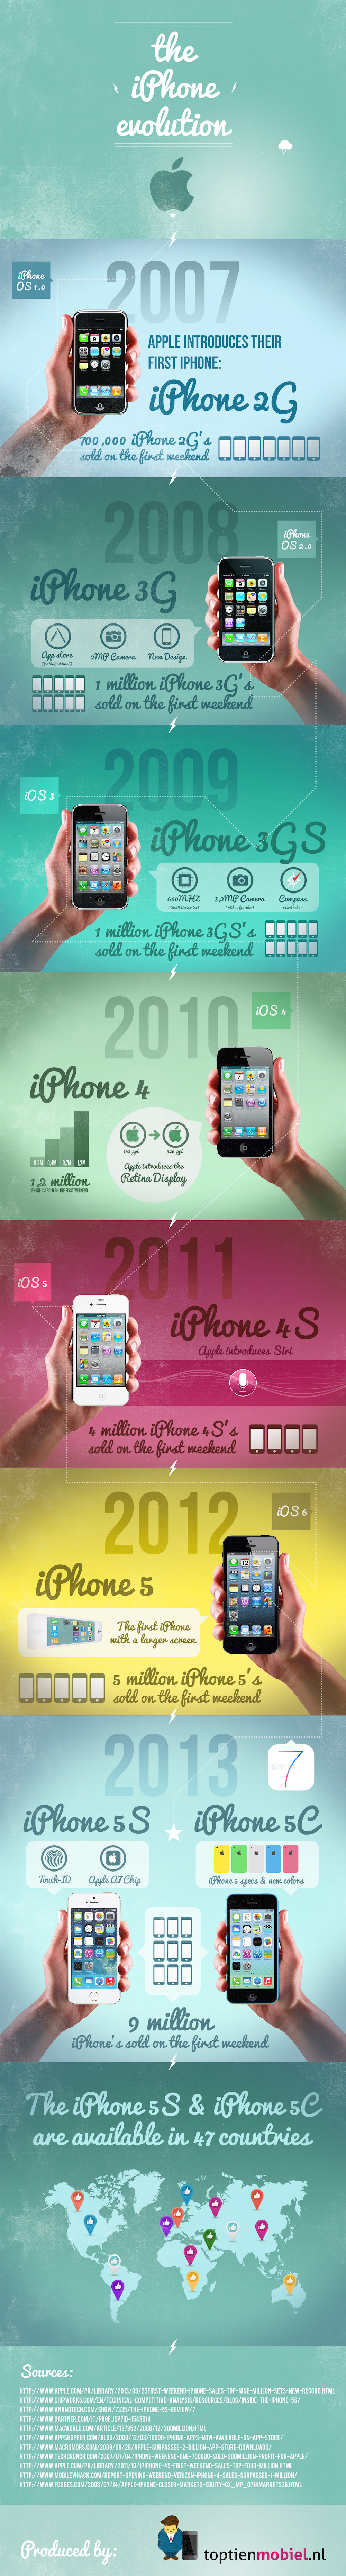 Jak zmieniał się iPhone